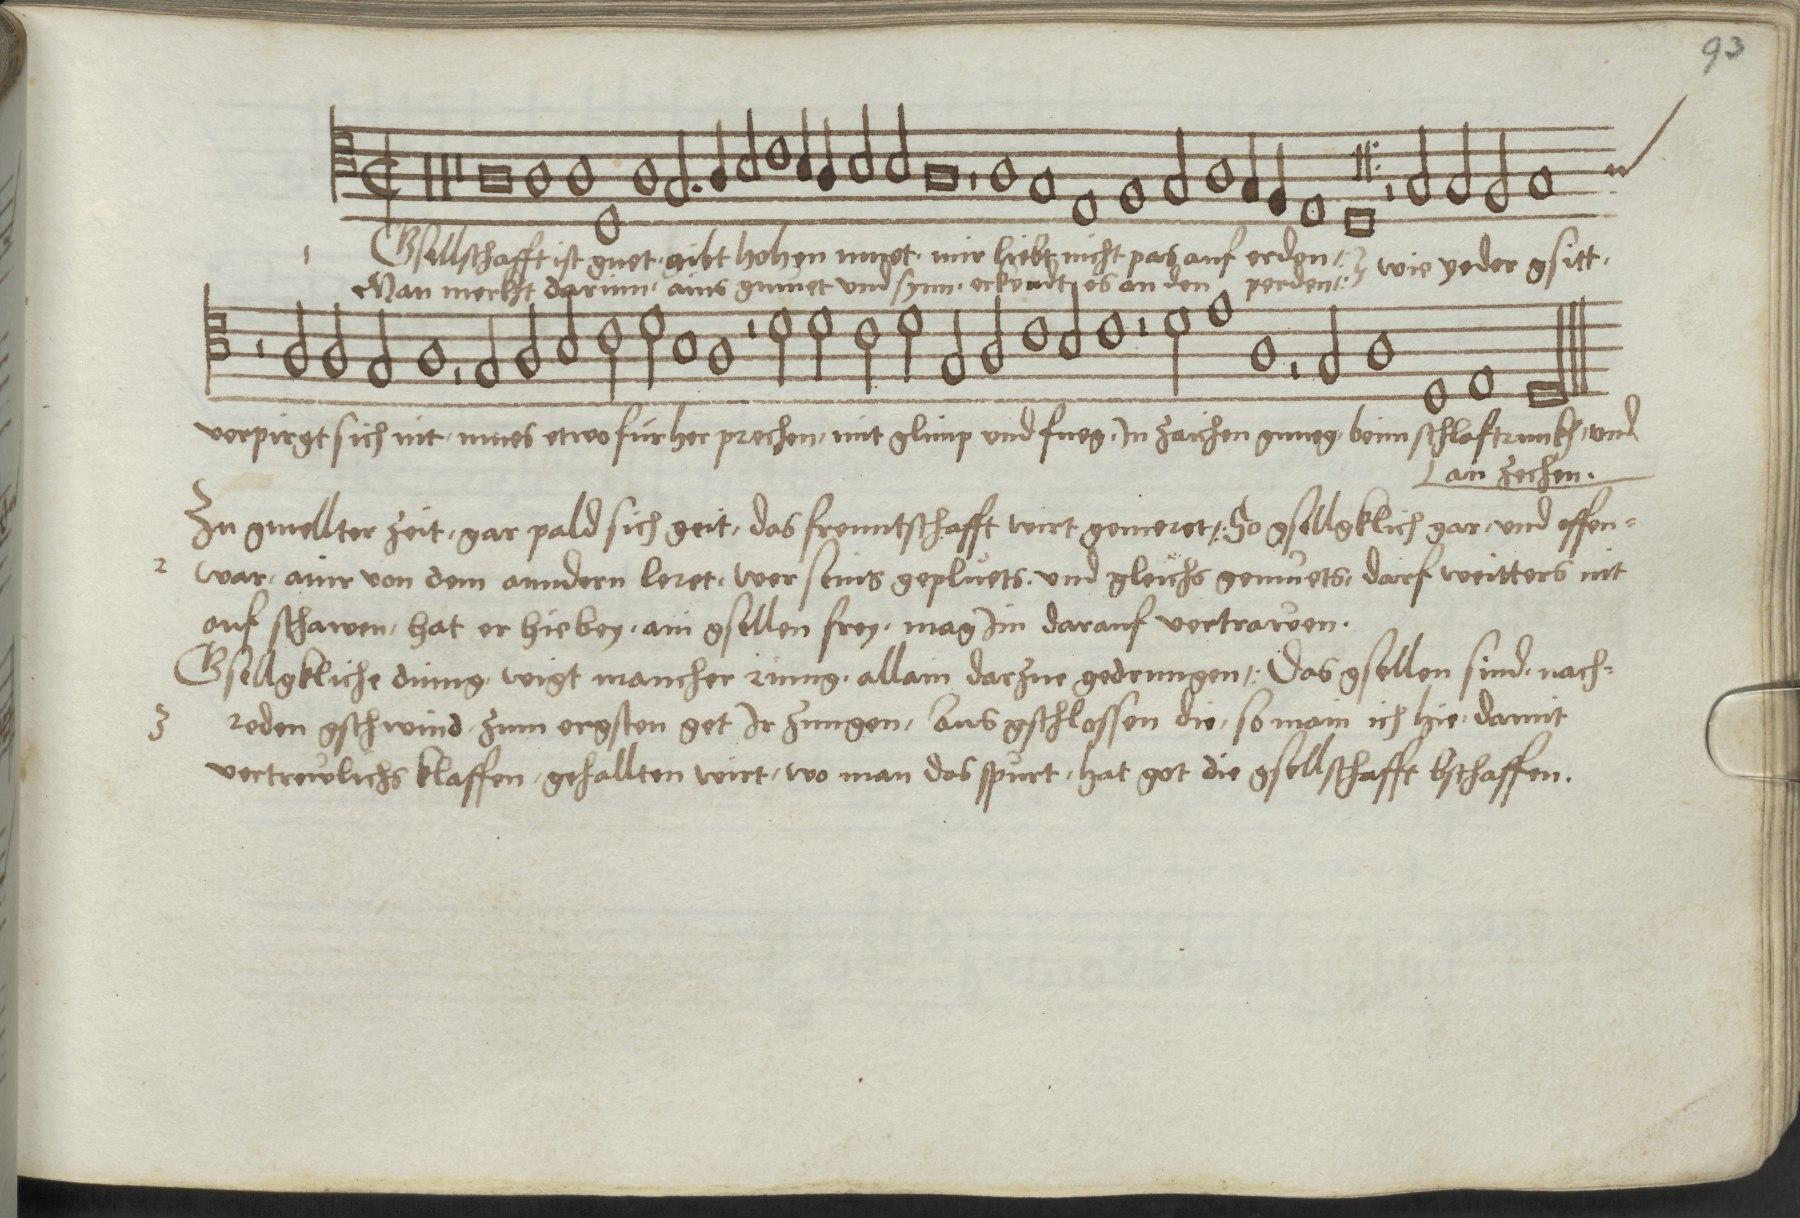 Bvb Liederbuch